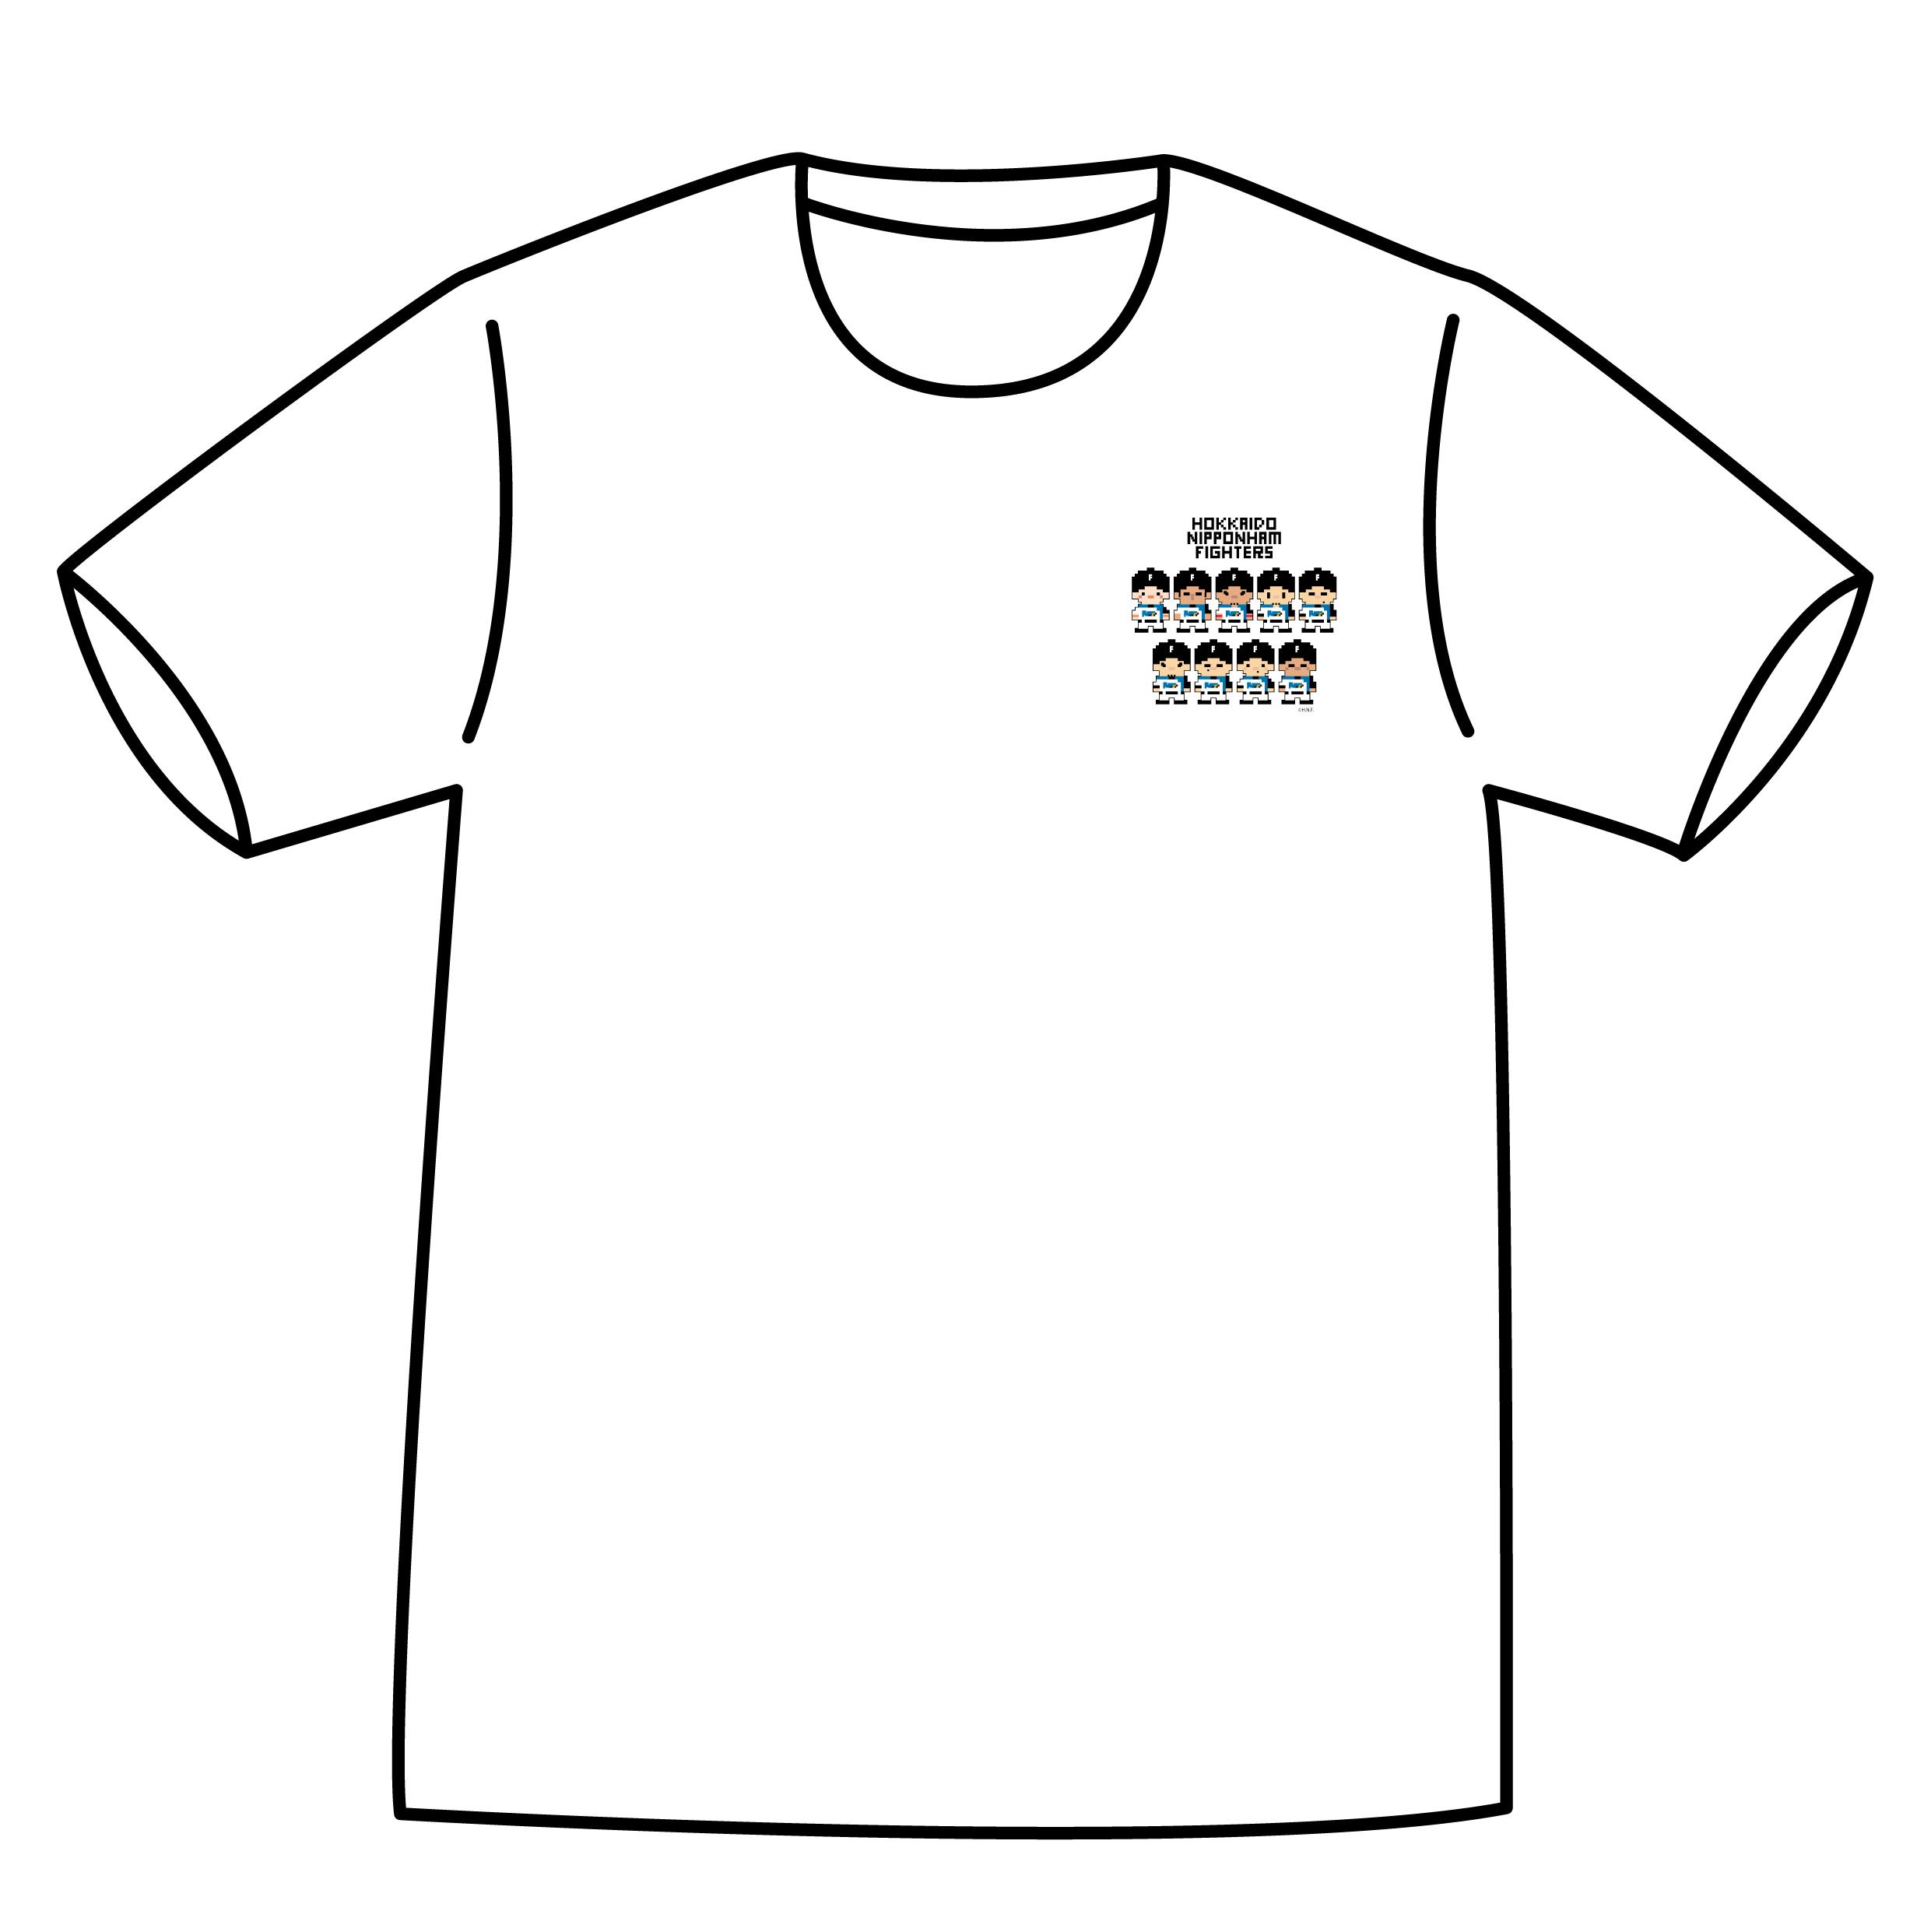 ドットファイターズ 「チーム」 Tシャツ ホワイト